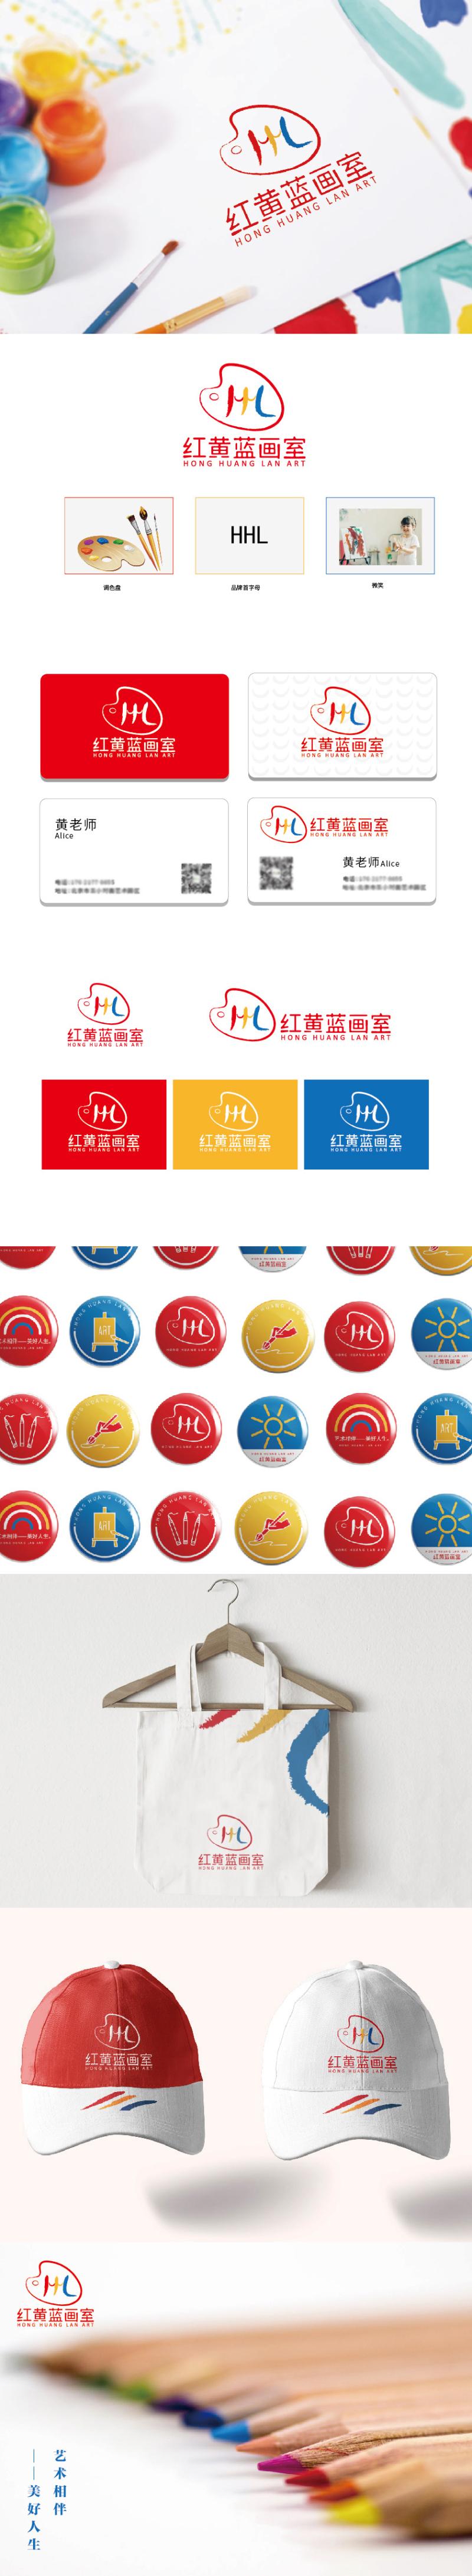 红黄蓝画室logo设计